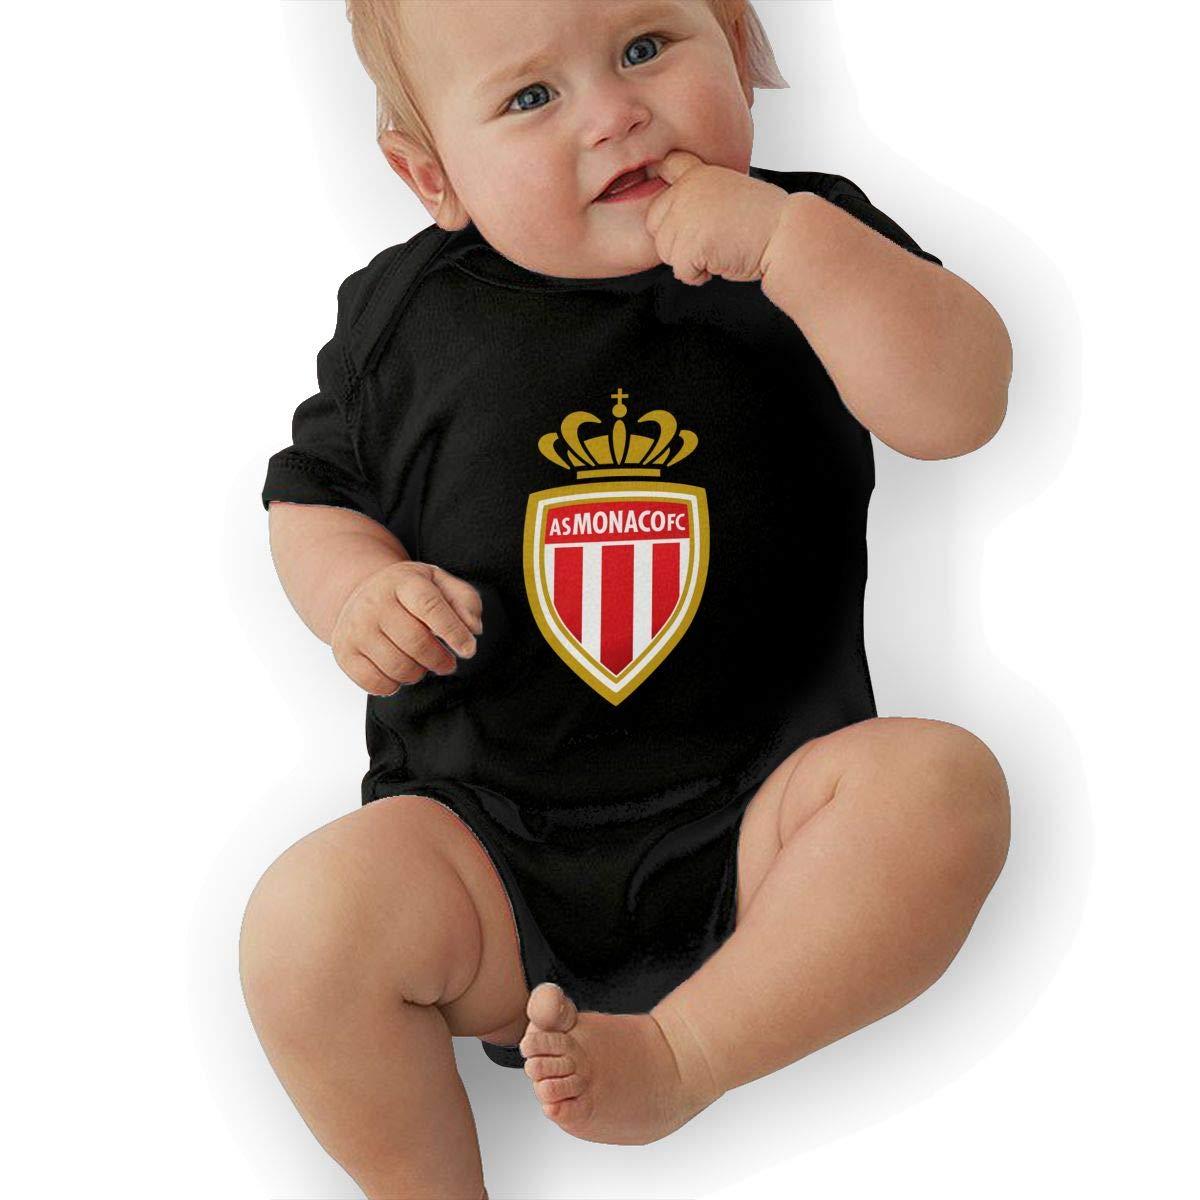 AS Monaco 0-3M Nouveau N/ée B/éb/é Tout-Petit Habits De B/éb/é Gar/çon Fille Barboteuse Jumpsuit Bodysuit Tenues